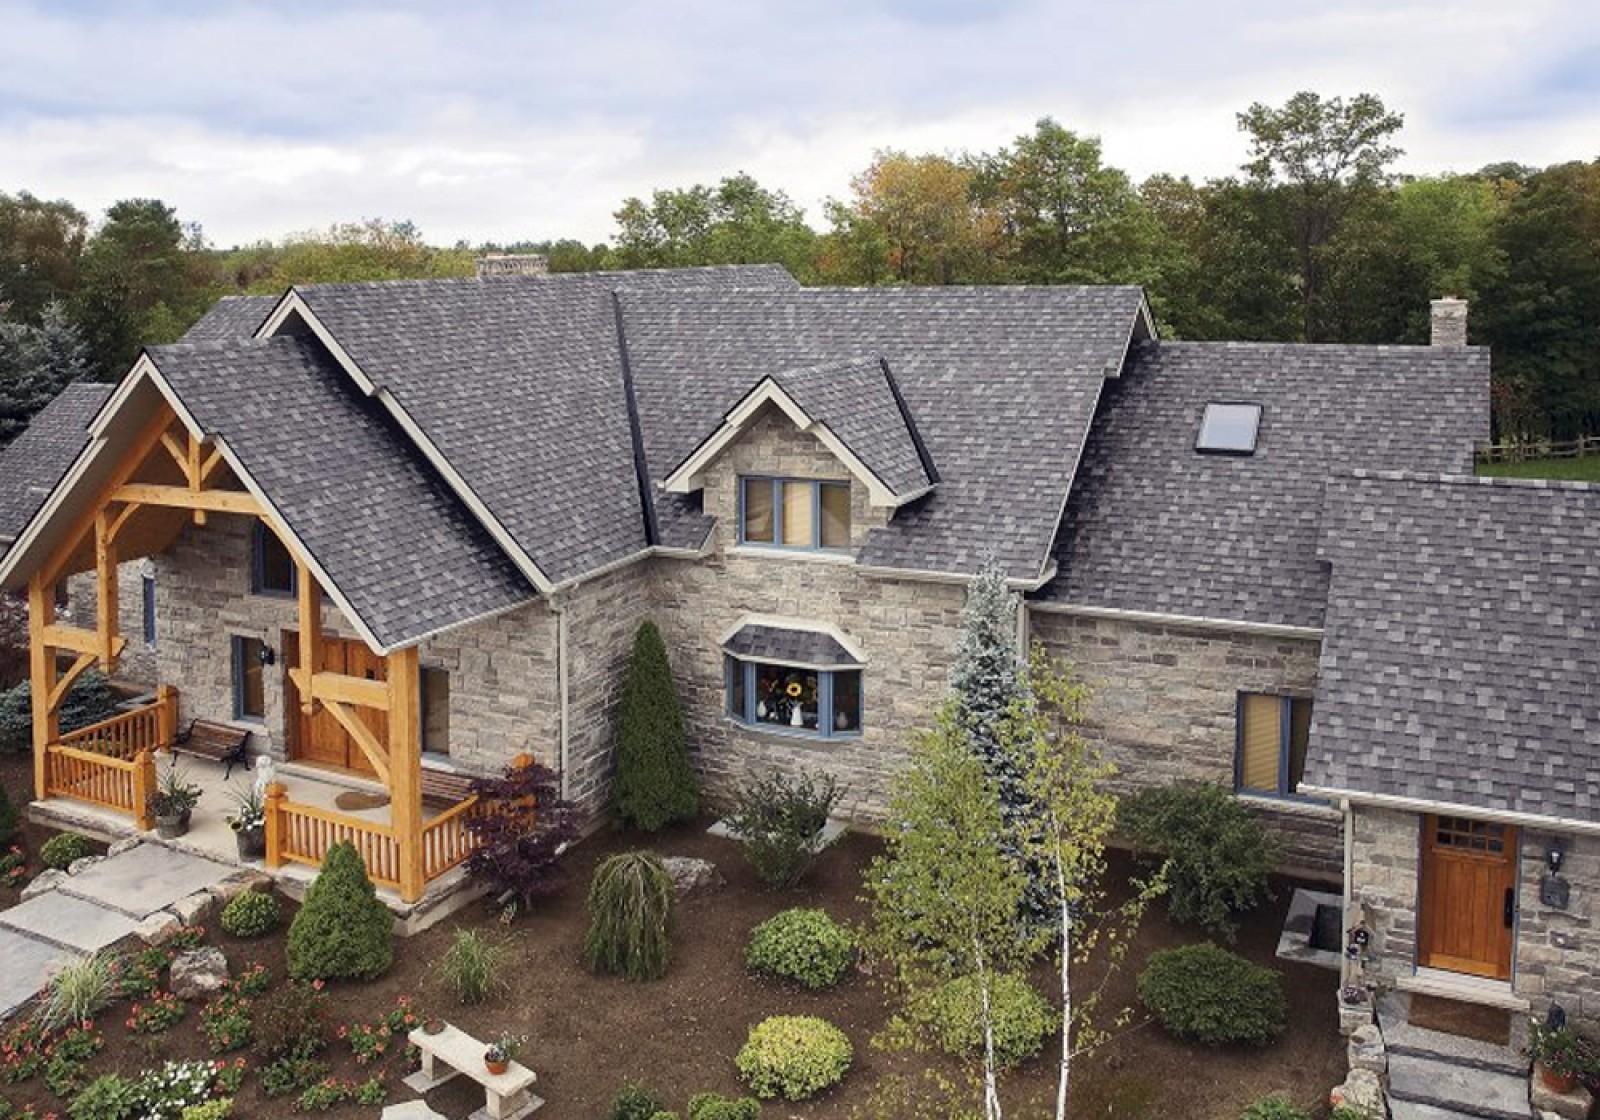 Cinci motive pentru a rezerva acum materiale pentru acoperiș de la Conluxart